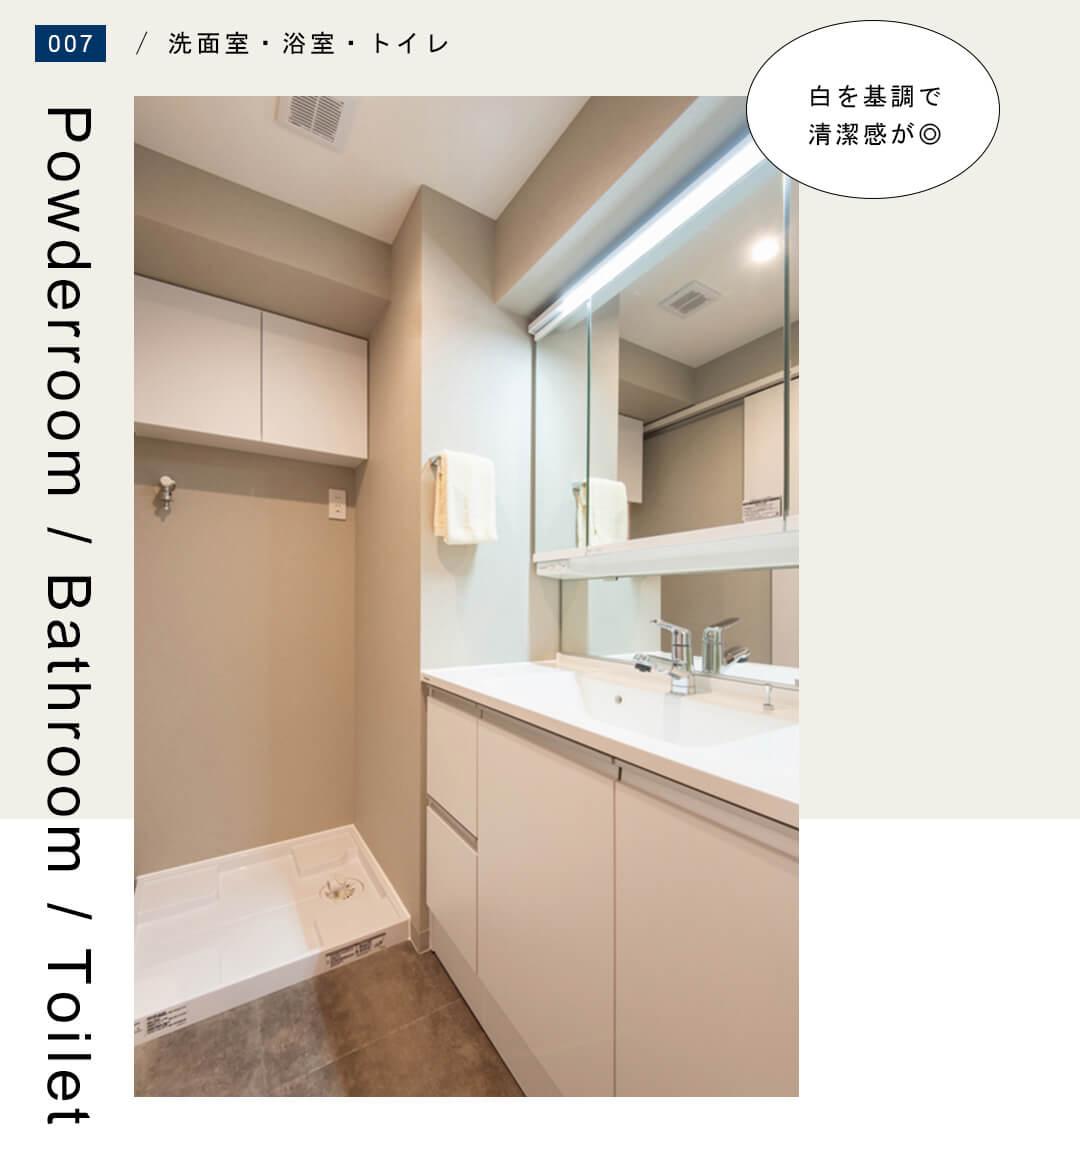 東十条ダイヤモンドマンションの洗面室